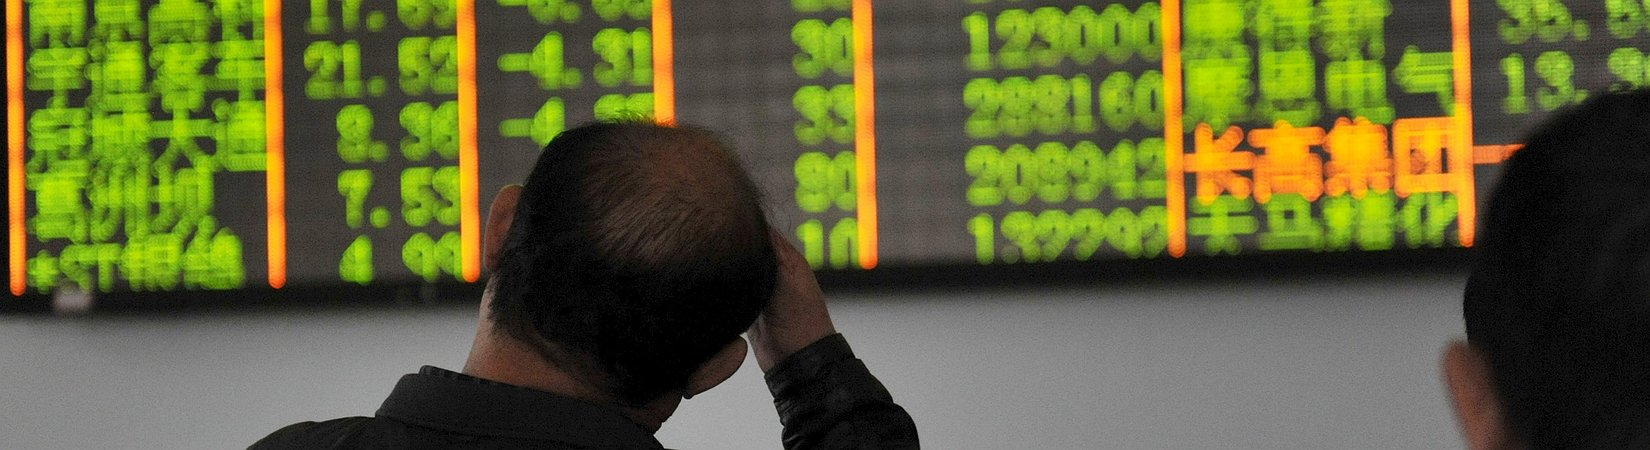 Erneut Börseneinbruch in China